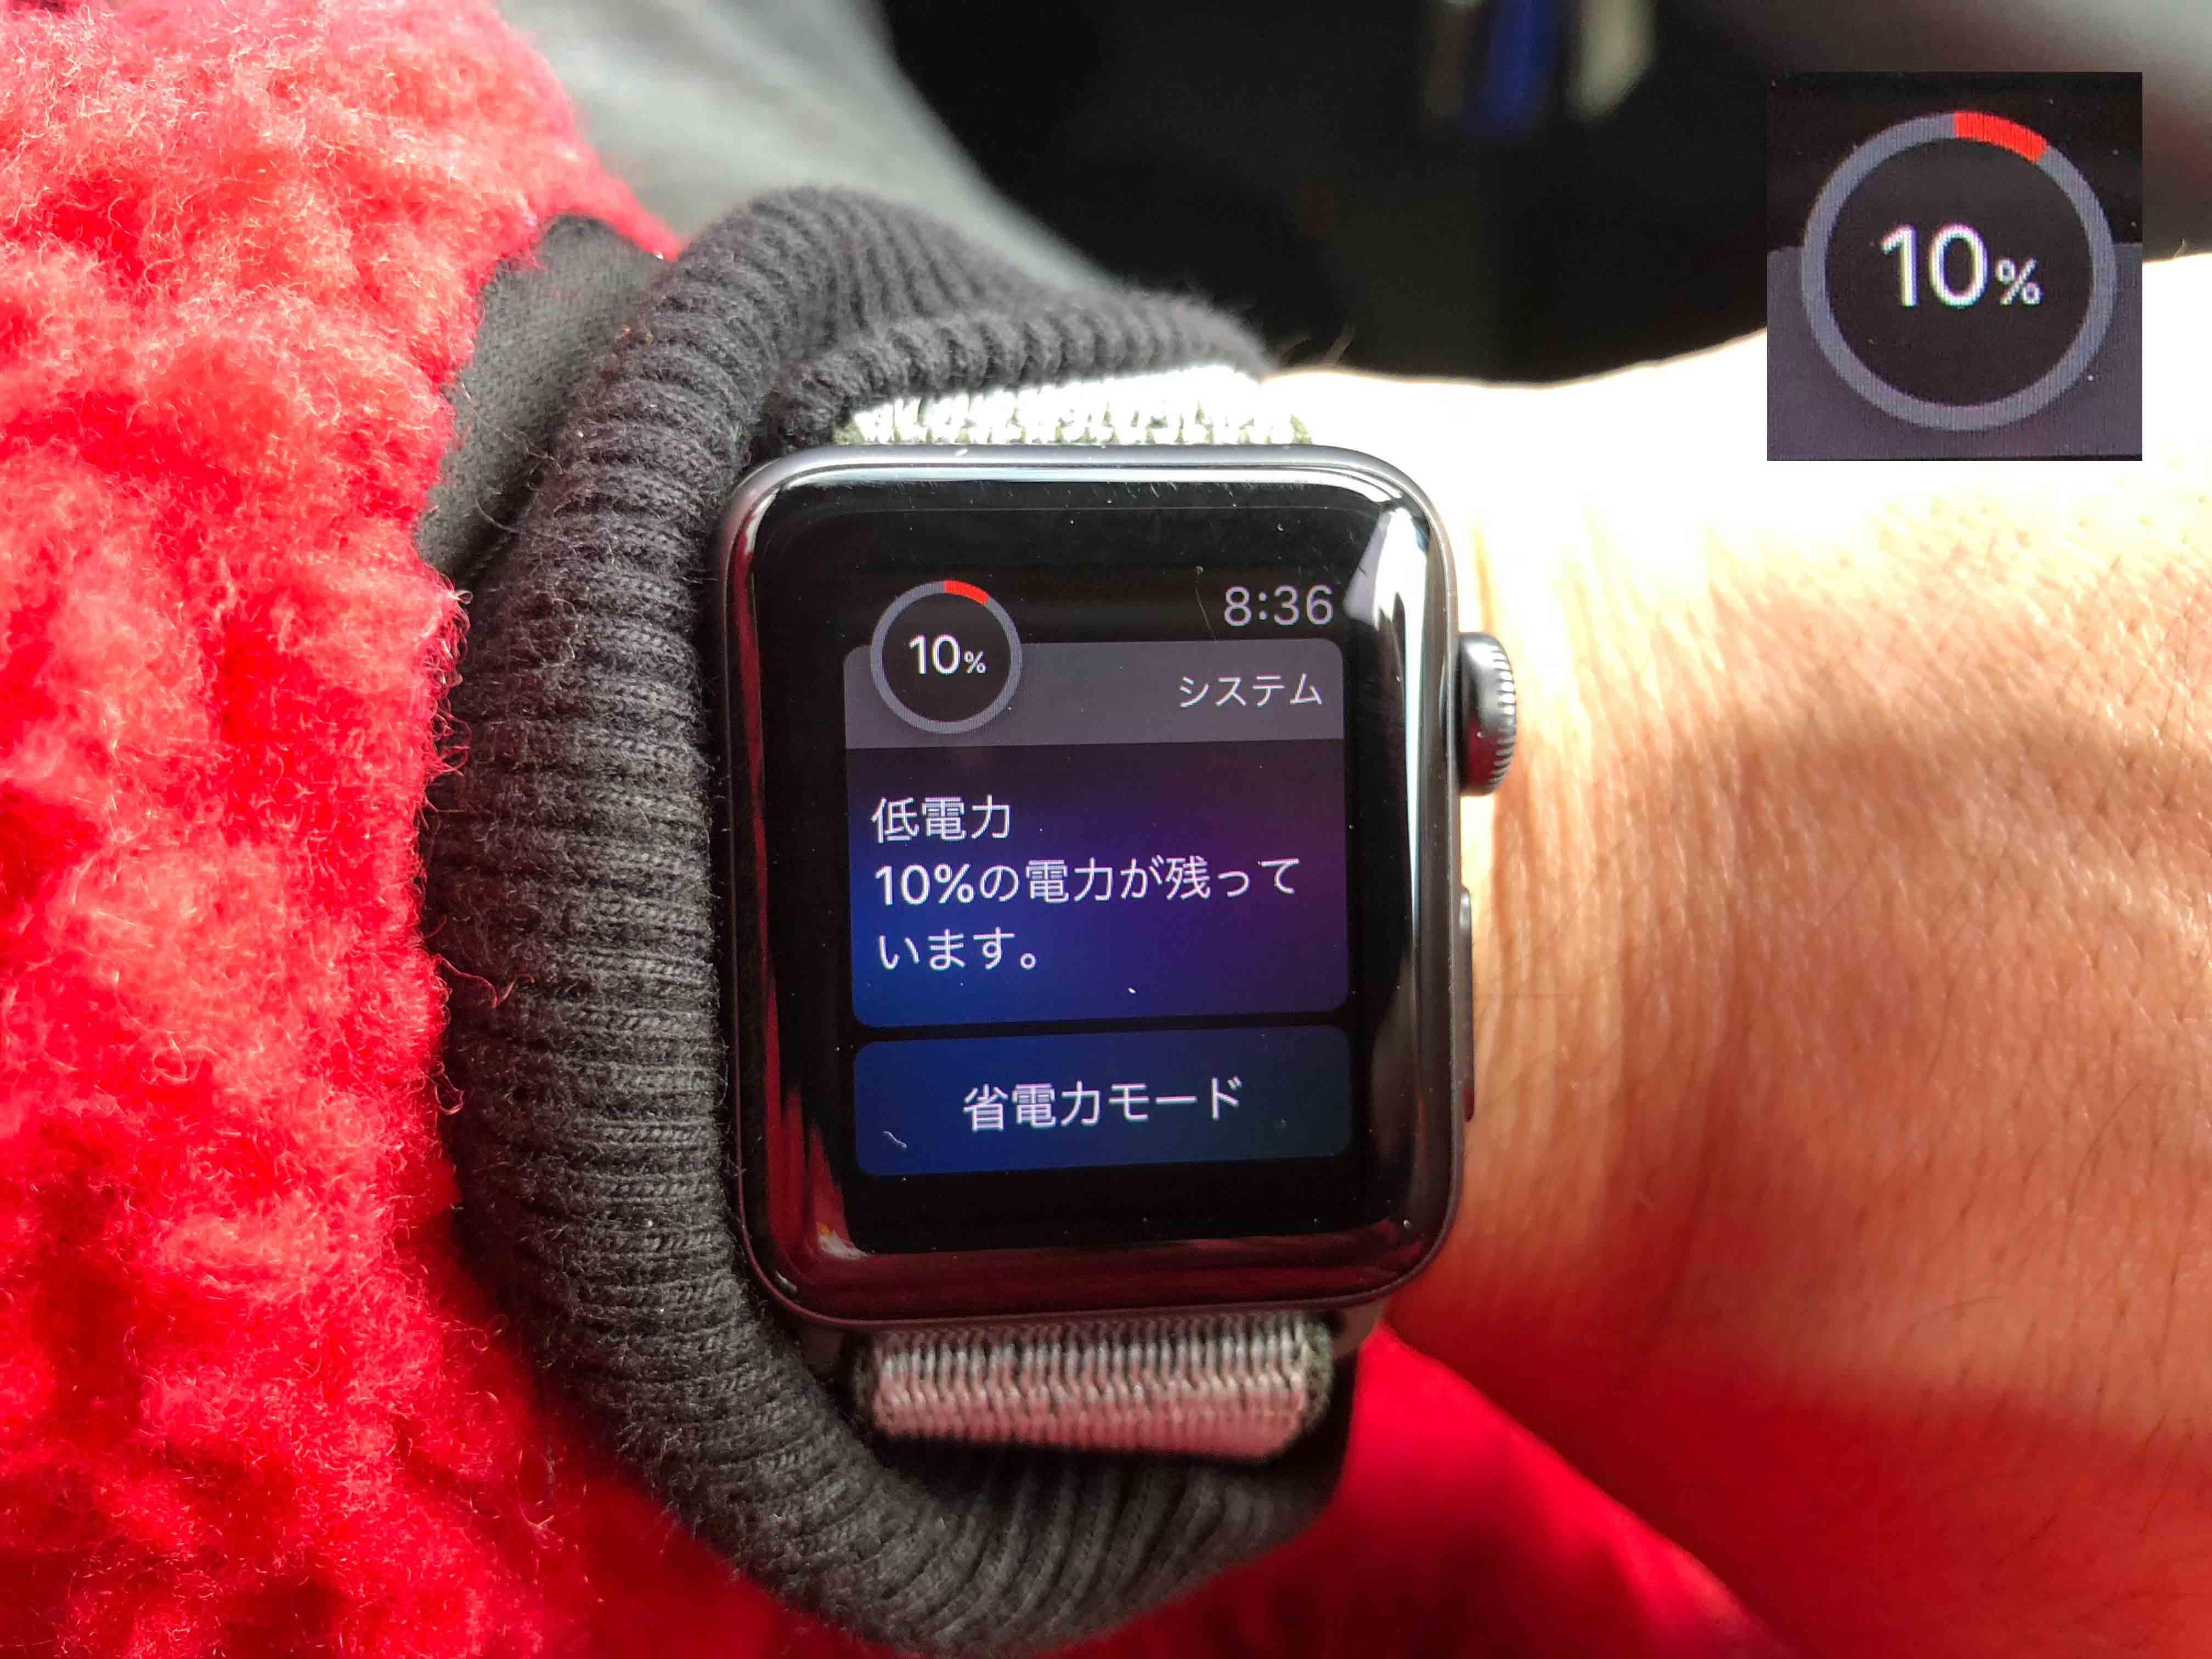 AppleWatchバッテリー10%に関する写真.